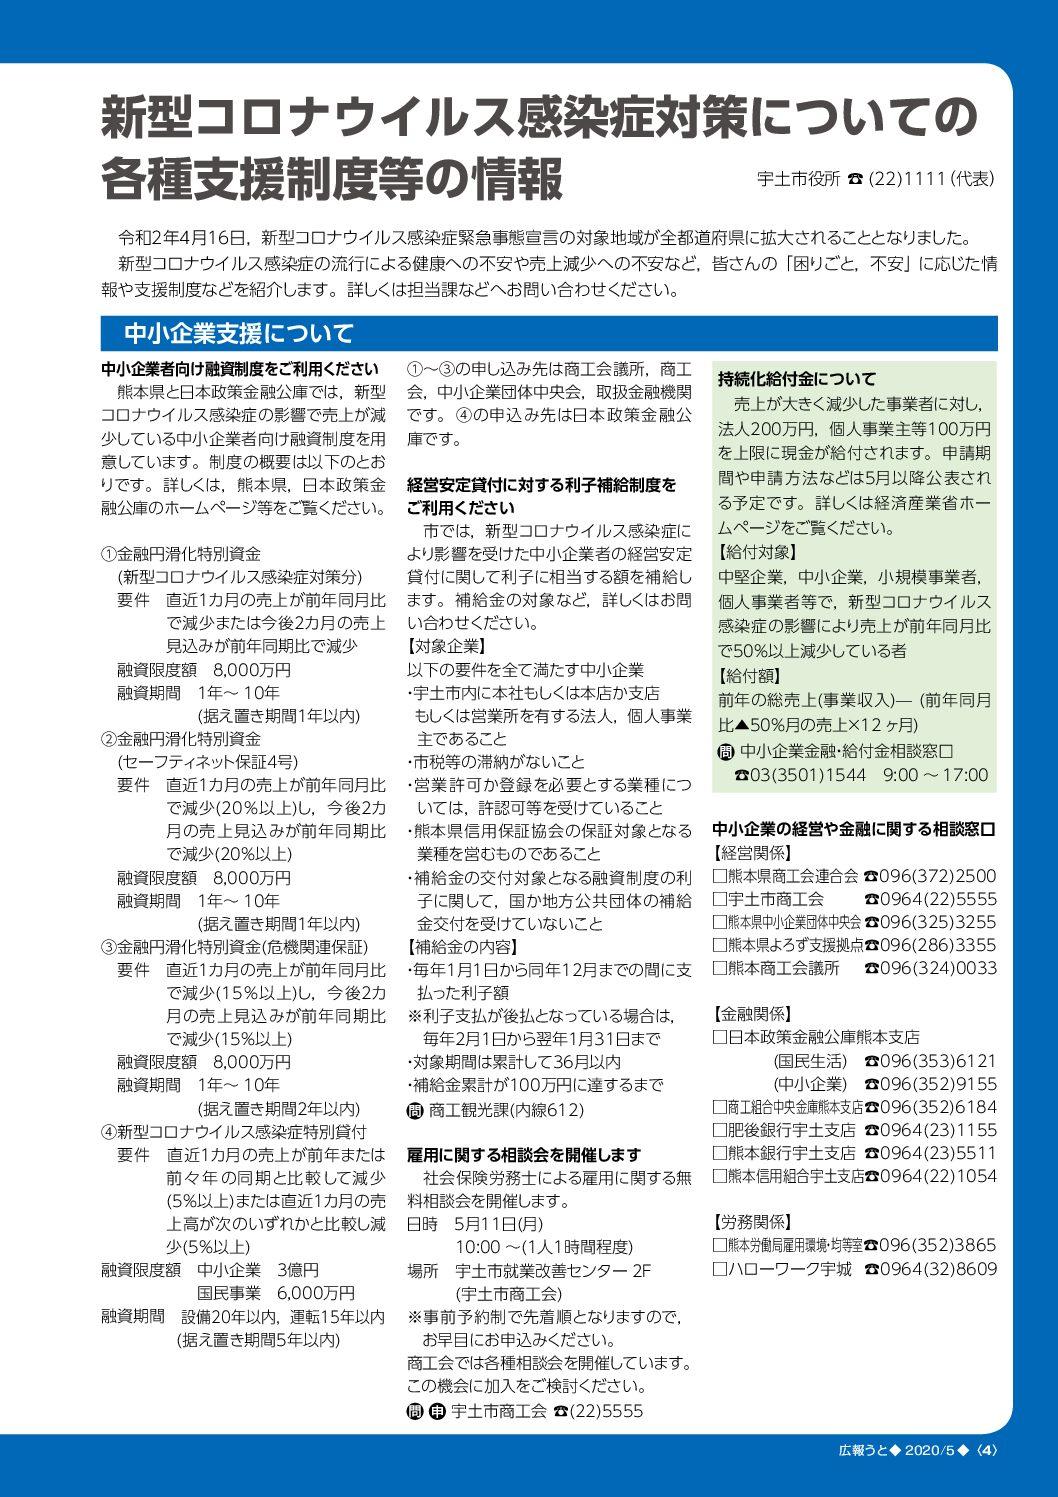 【宇土市】新型コロナウイルス感染症対策についての各種支援制度等の情報